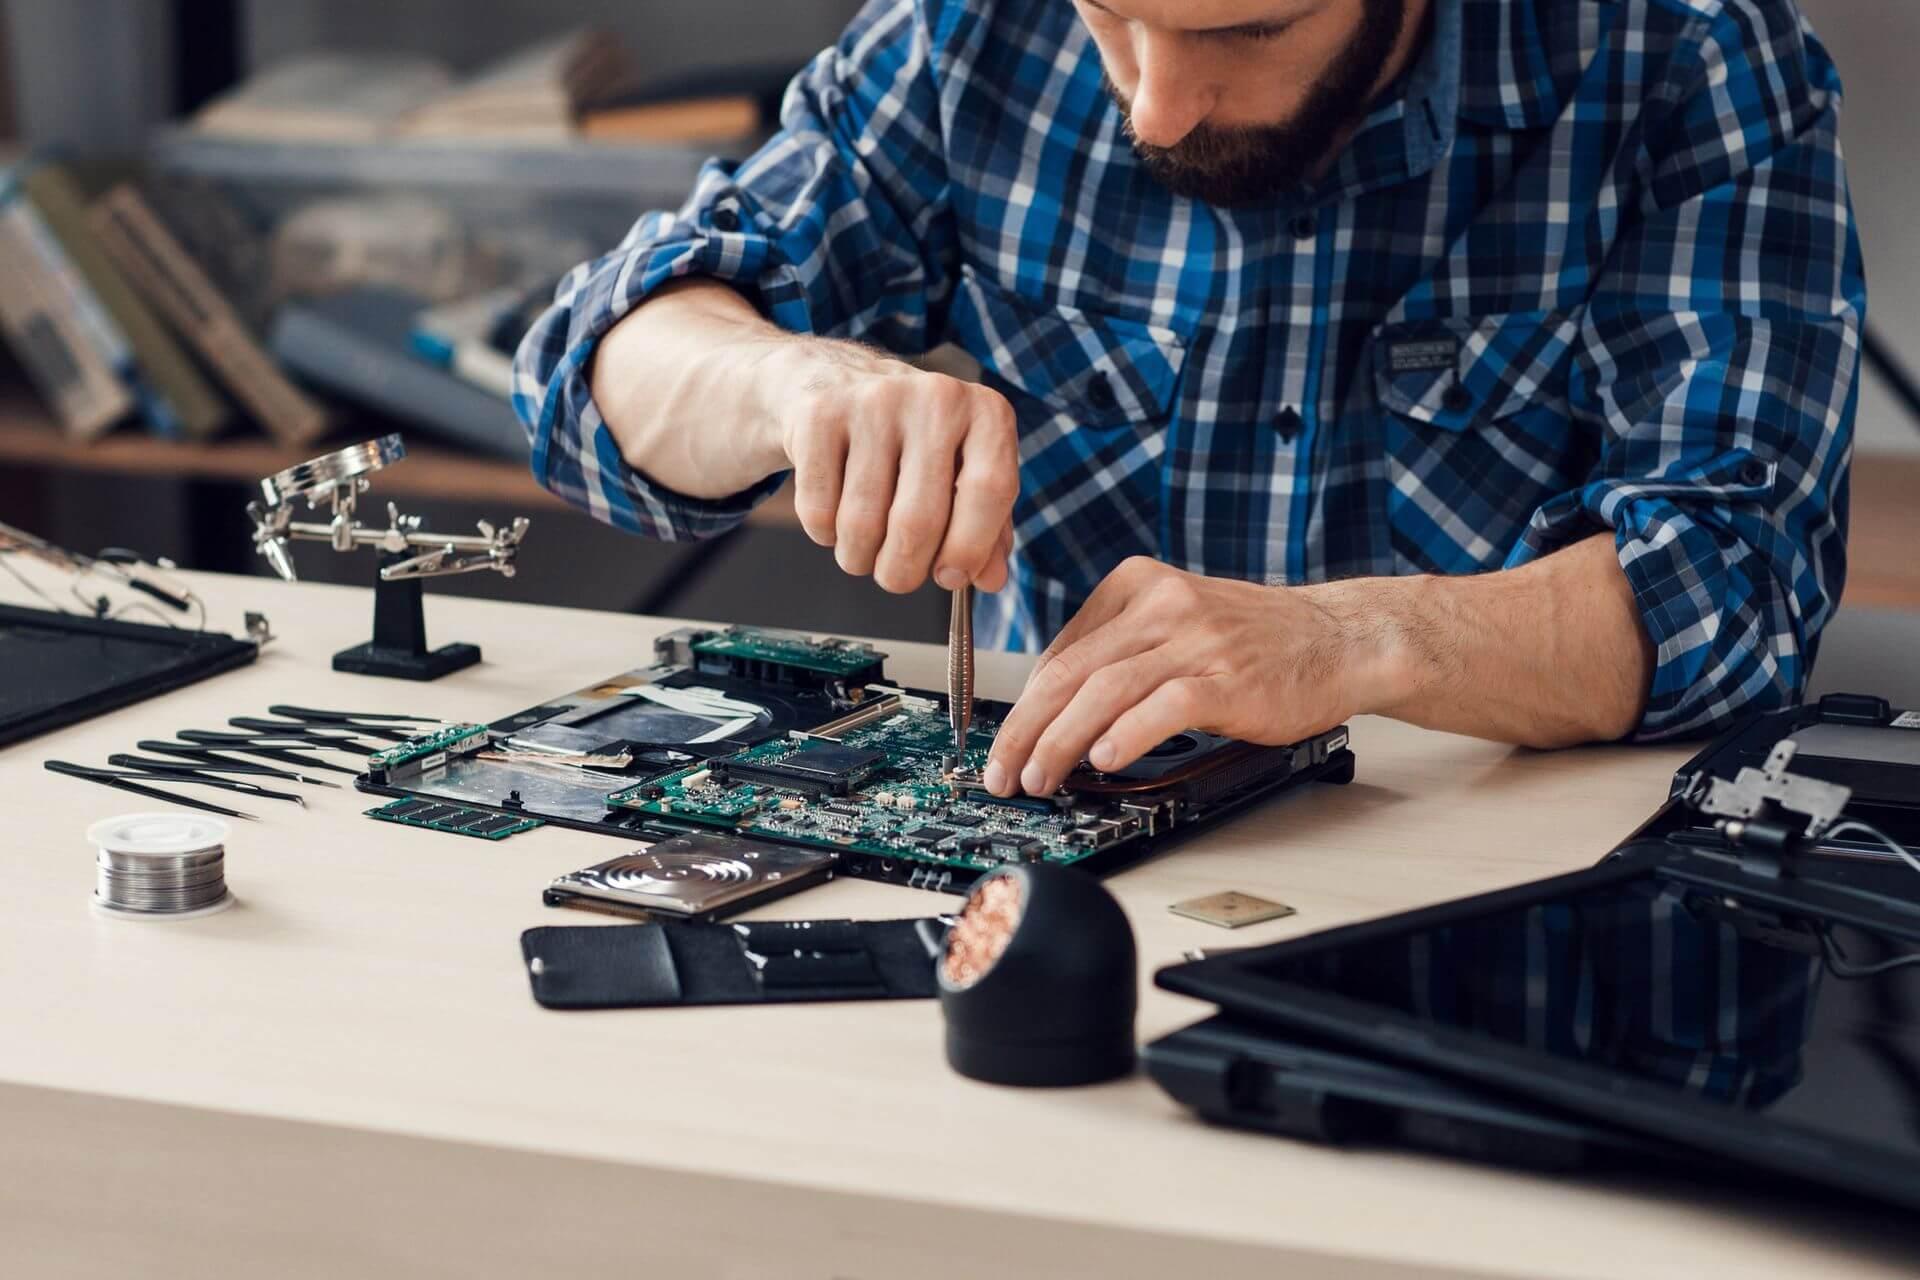 Срочный ремонт компьютеров и ноутбуков 《ВЫЕЗД БЕСПЛАТНО》